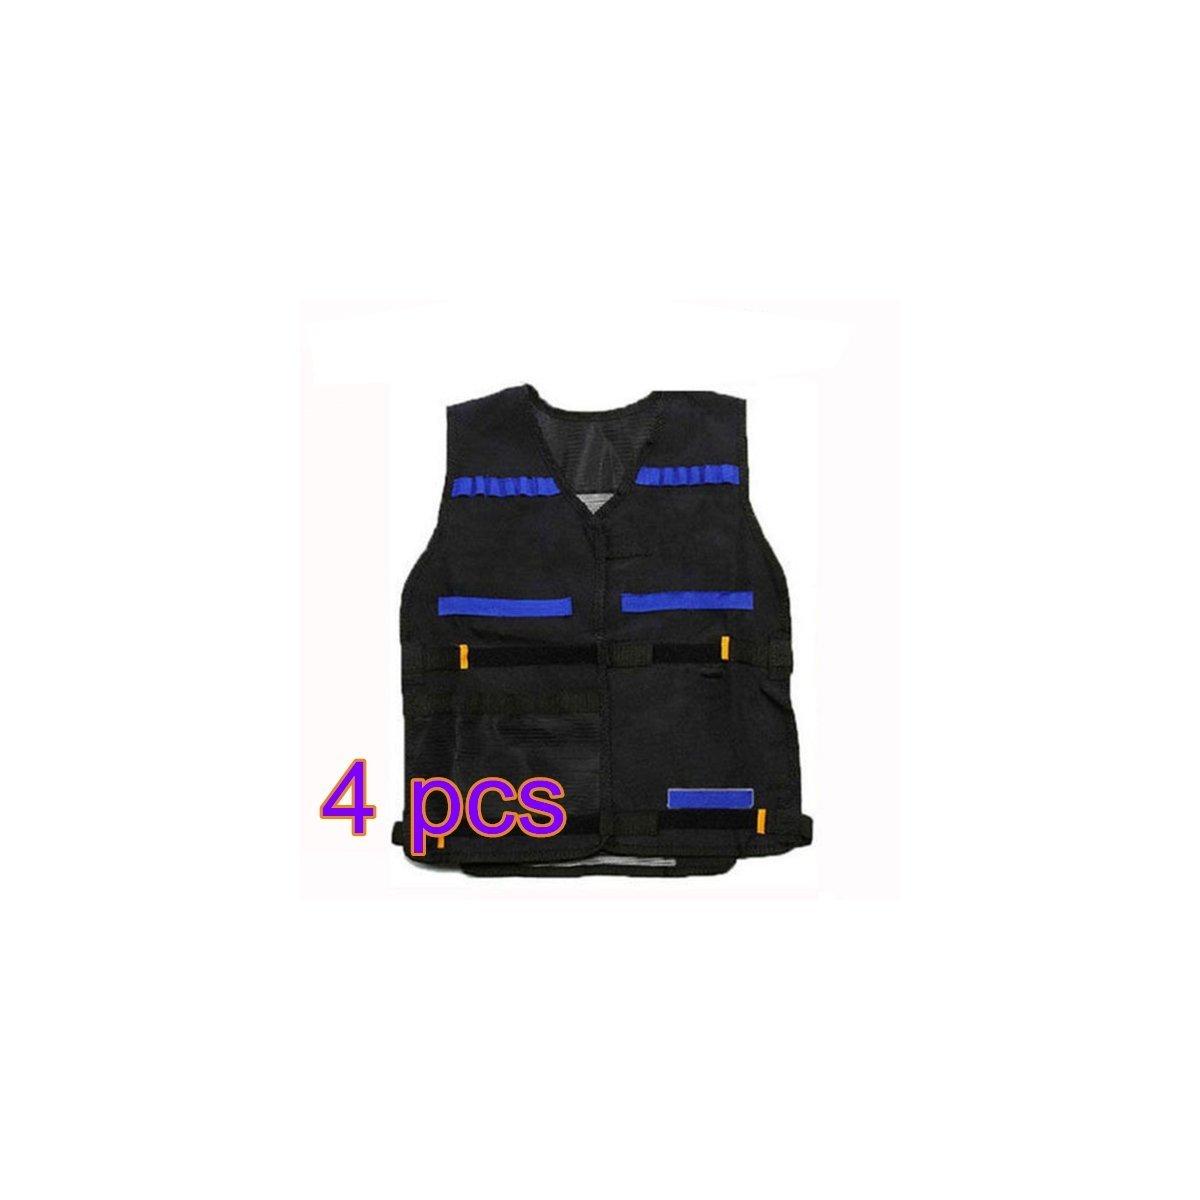 OULII Tactical Vest Adjustable for Nerf N-Strike Elite Battle Game gifts for men, Pack of 4